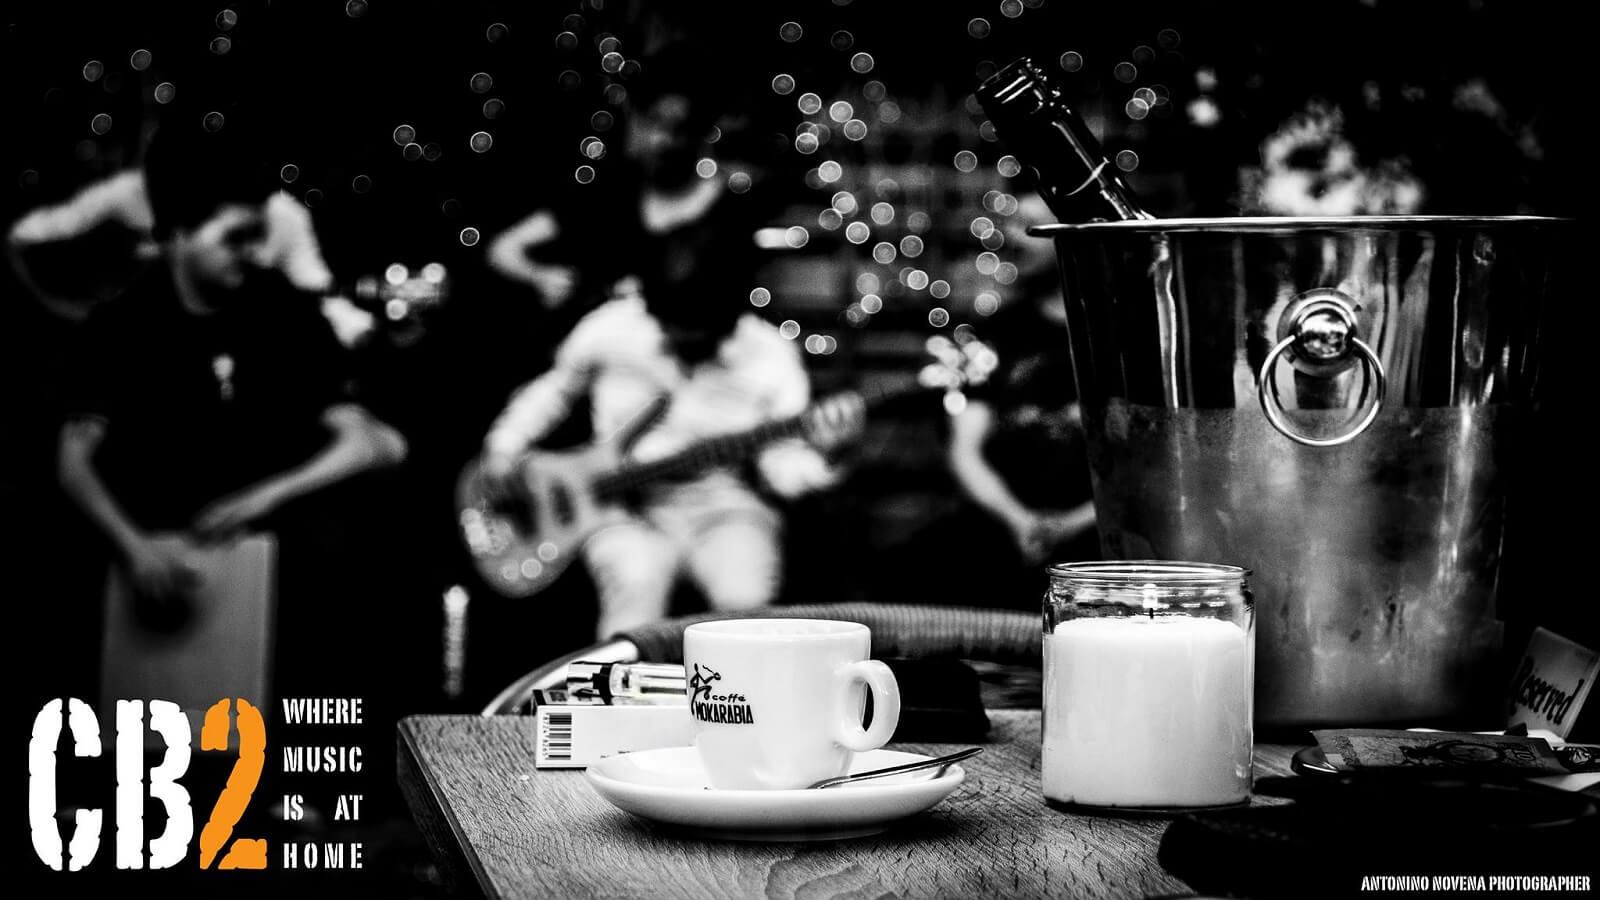 CB2 Cafe